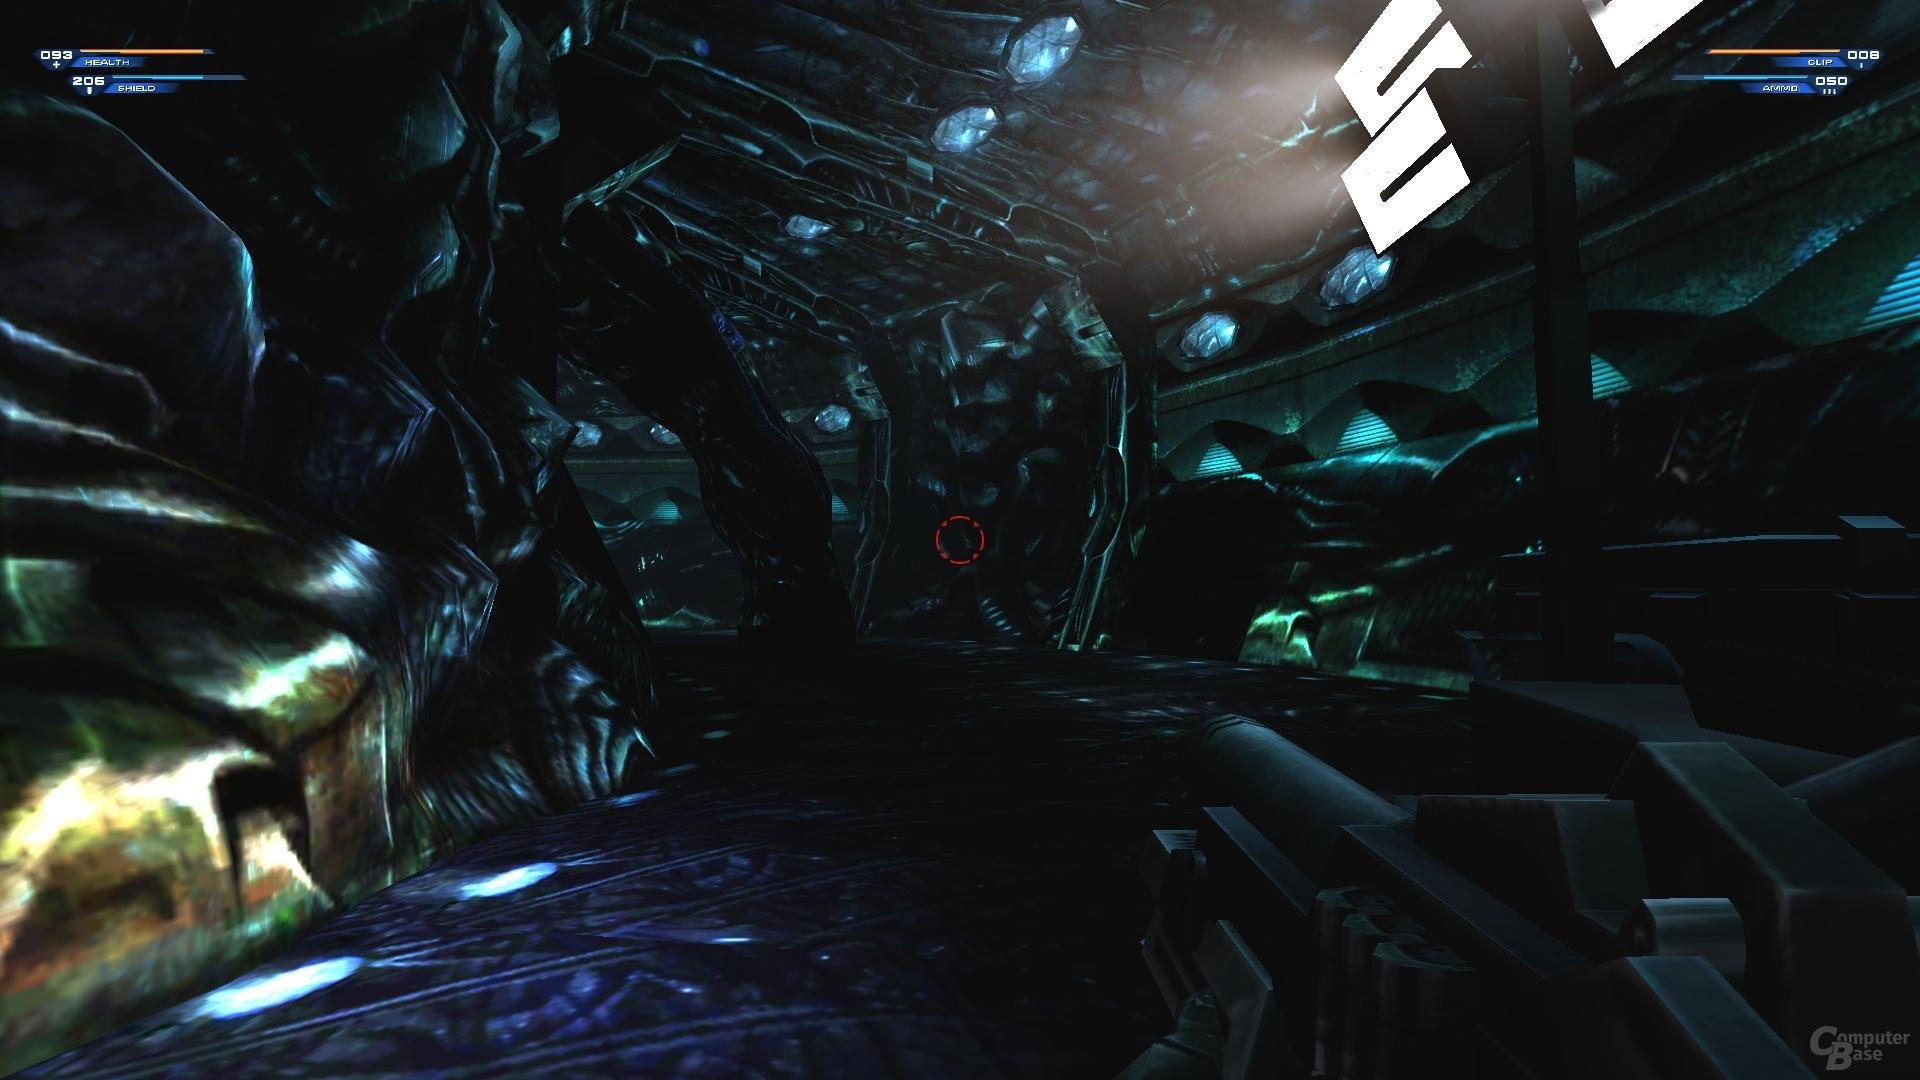 Auch Aliens hat als Inspirationsquelle gedient